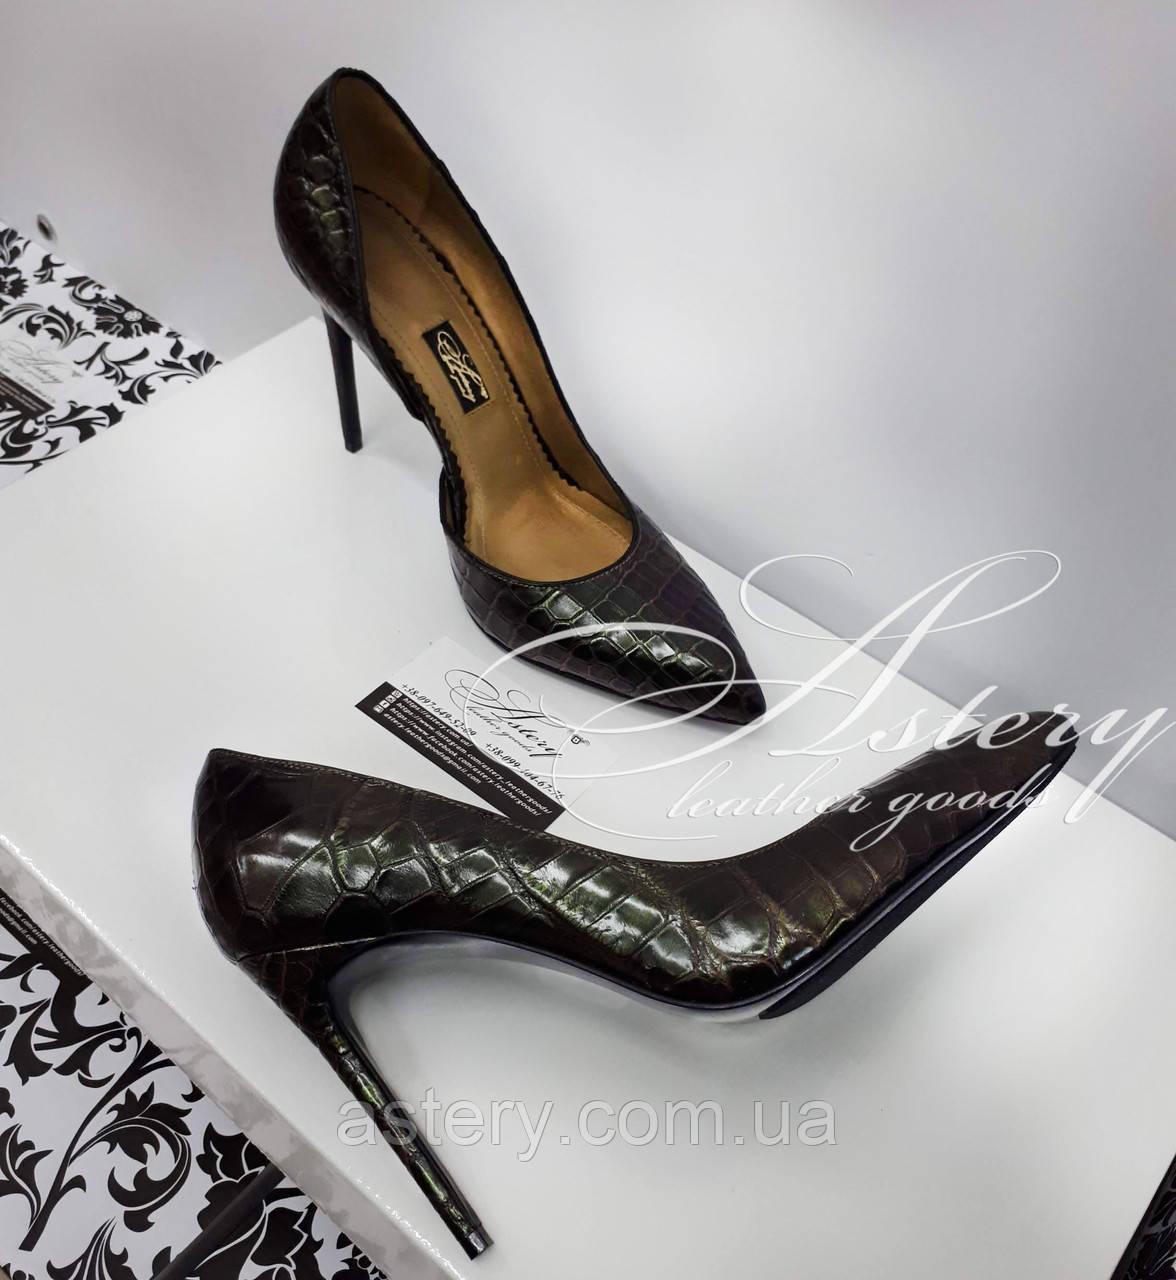 75a8e4a6b Женские темно-зеленые туфли из крокодила на шпильке - Astery Leather Goods в  Киеве